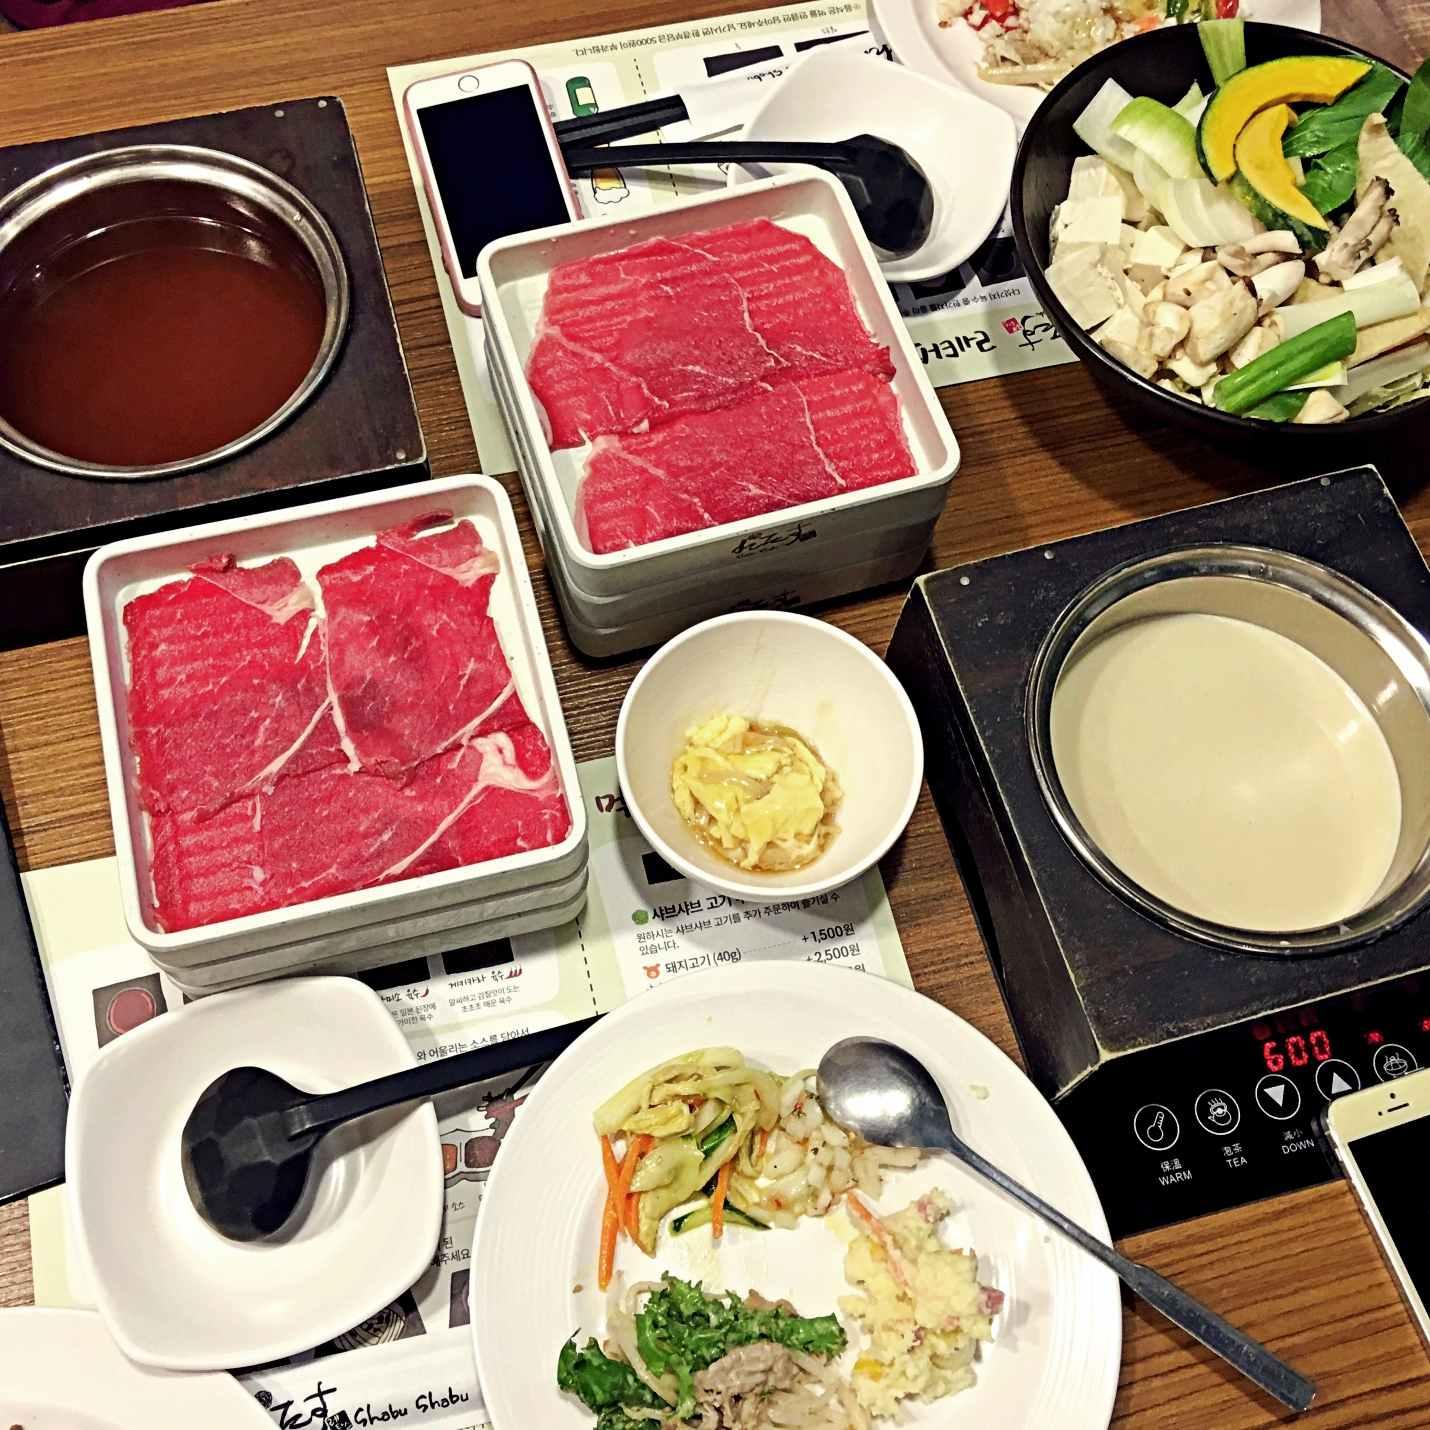 小編與友人點了壽喜燒及豆腐大醬湯的鍋底,夾了第一輪的鍋料準備阿姆啊姆的開吃。